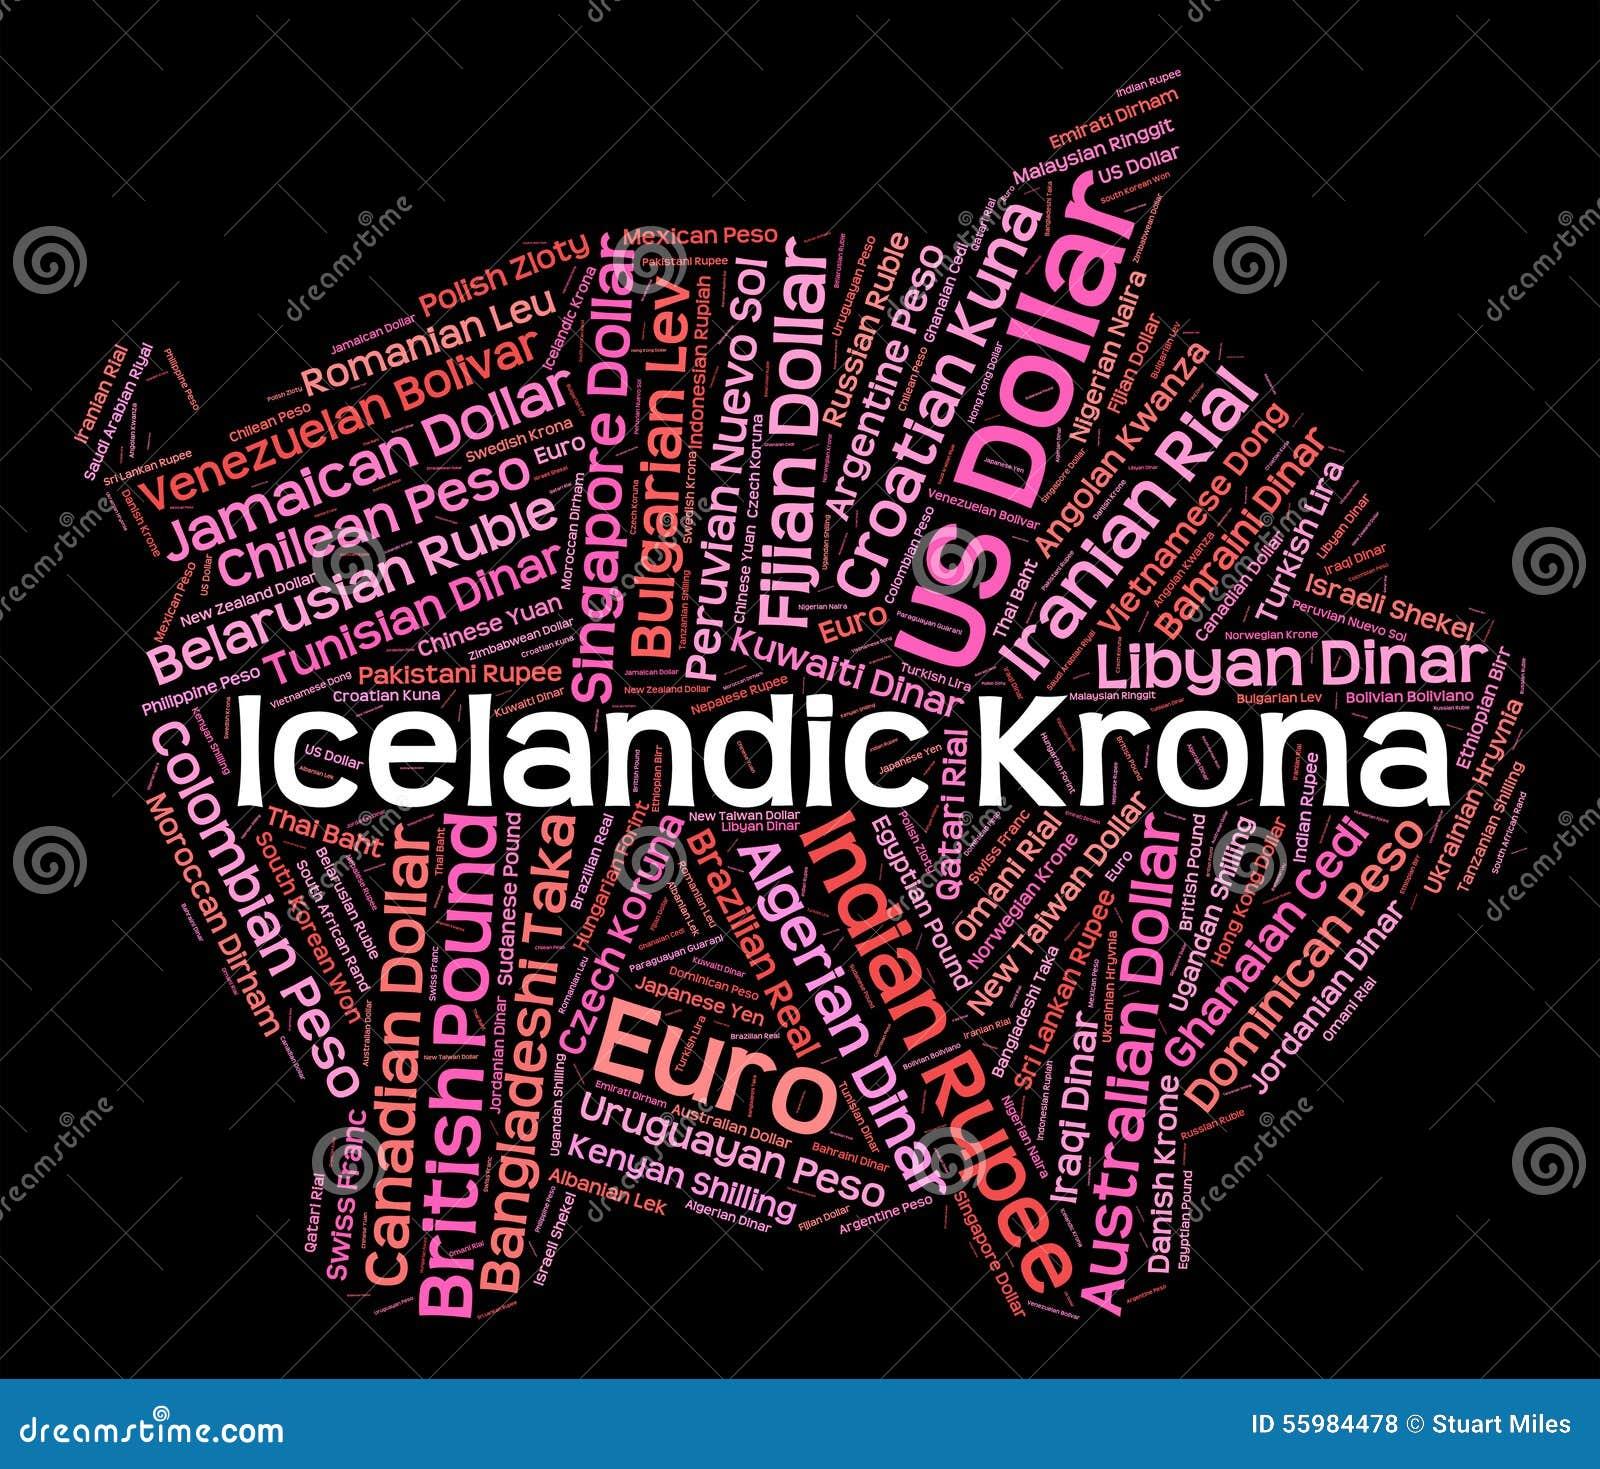 Icelandic Krona Shows Worldwide Trading And Exchange Stock